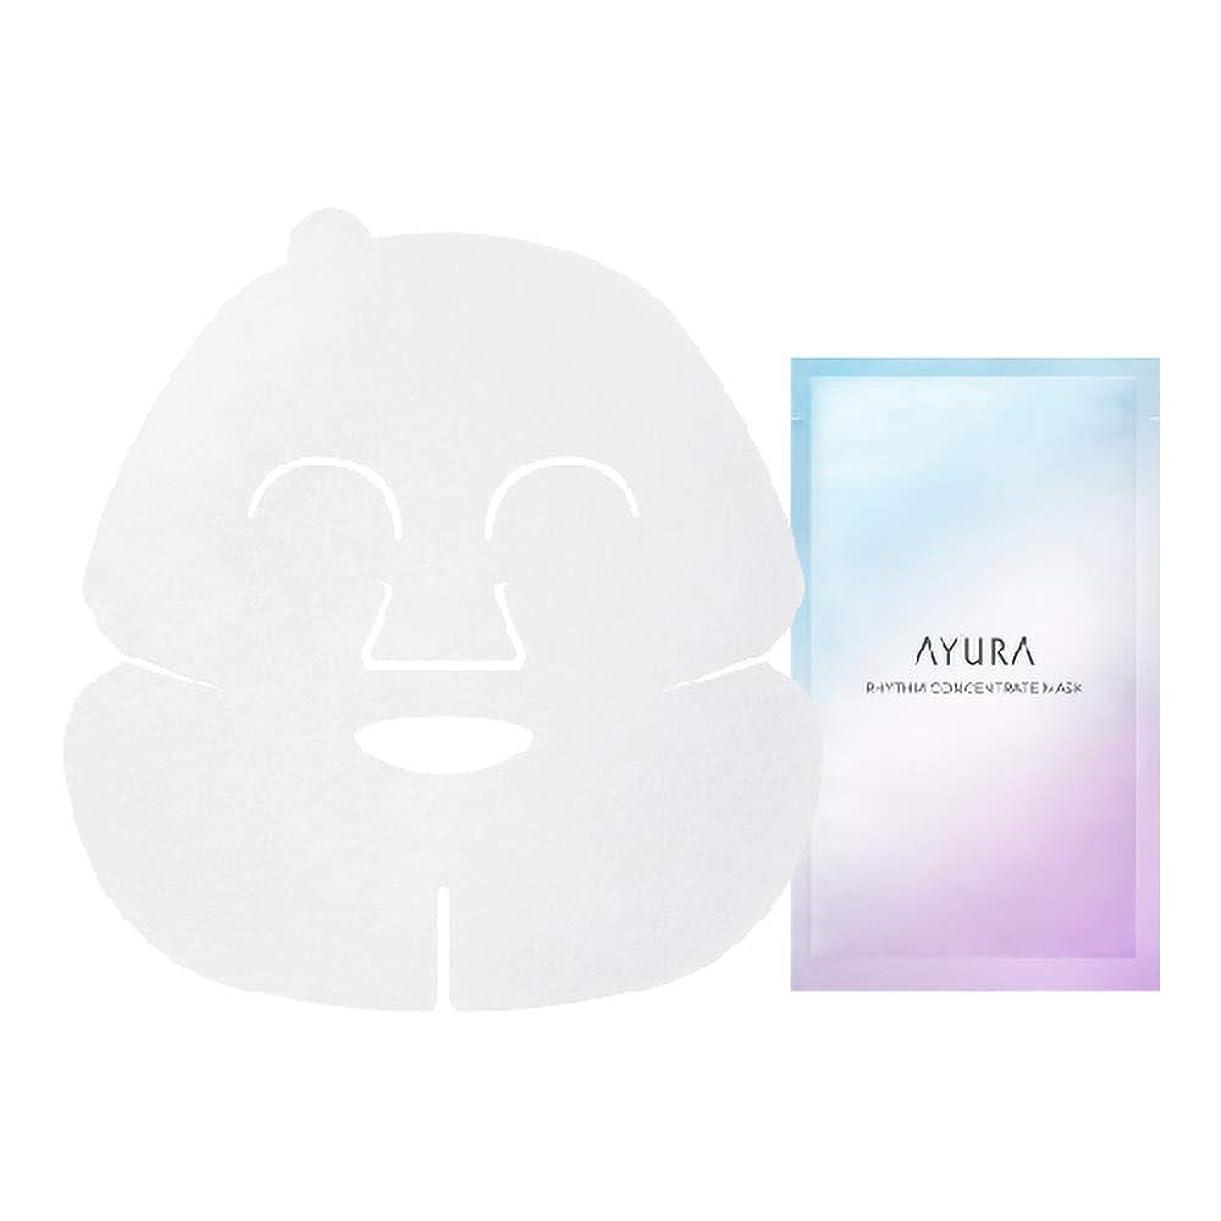 退化するアラバマ作りアユーラ (AYURA) リズムコンセントレートマスク 23mL×6枚入 〈美容液マスク〉